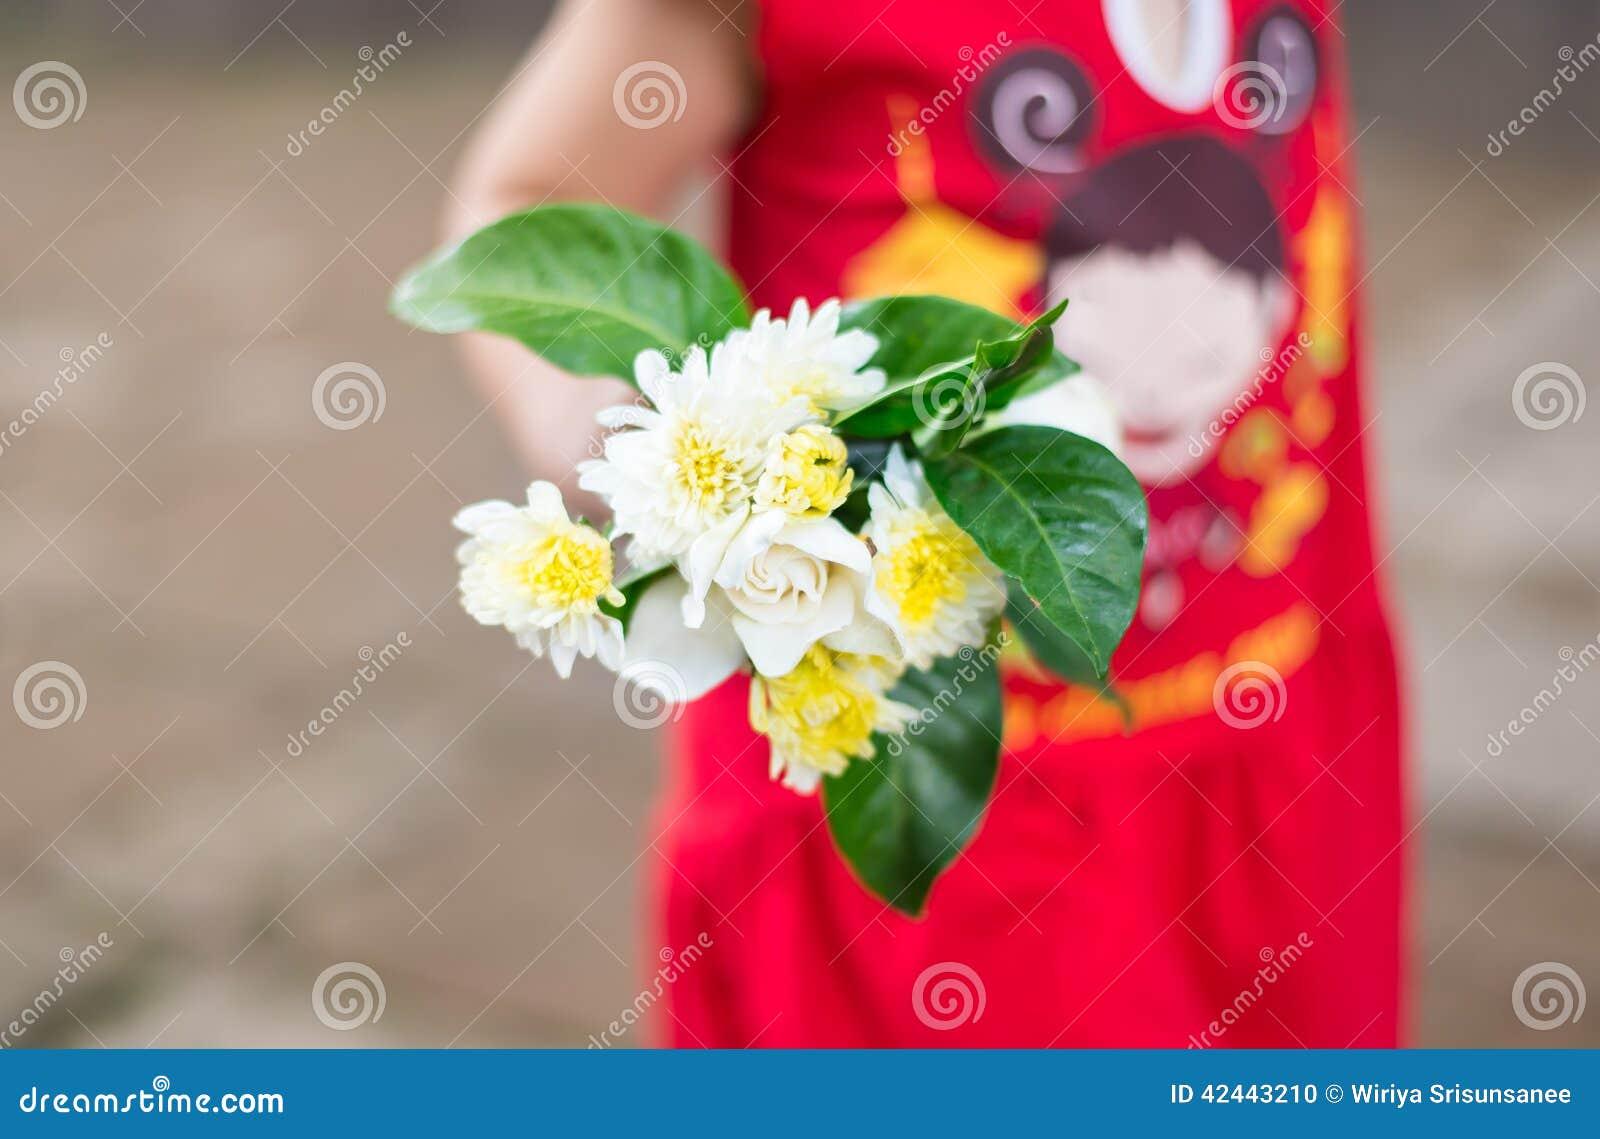 Flor en manos de un niño